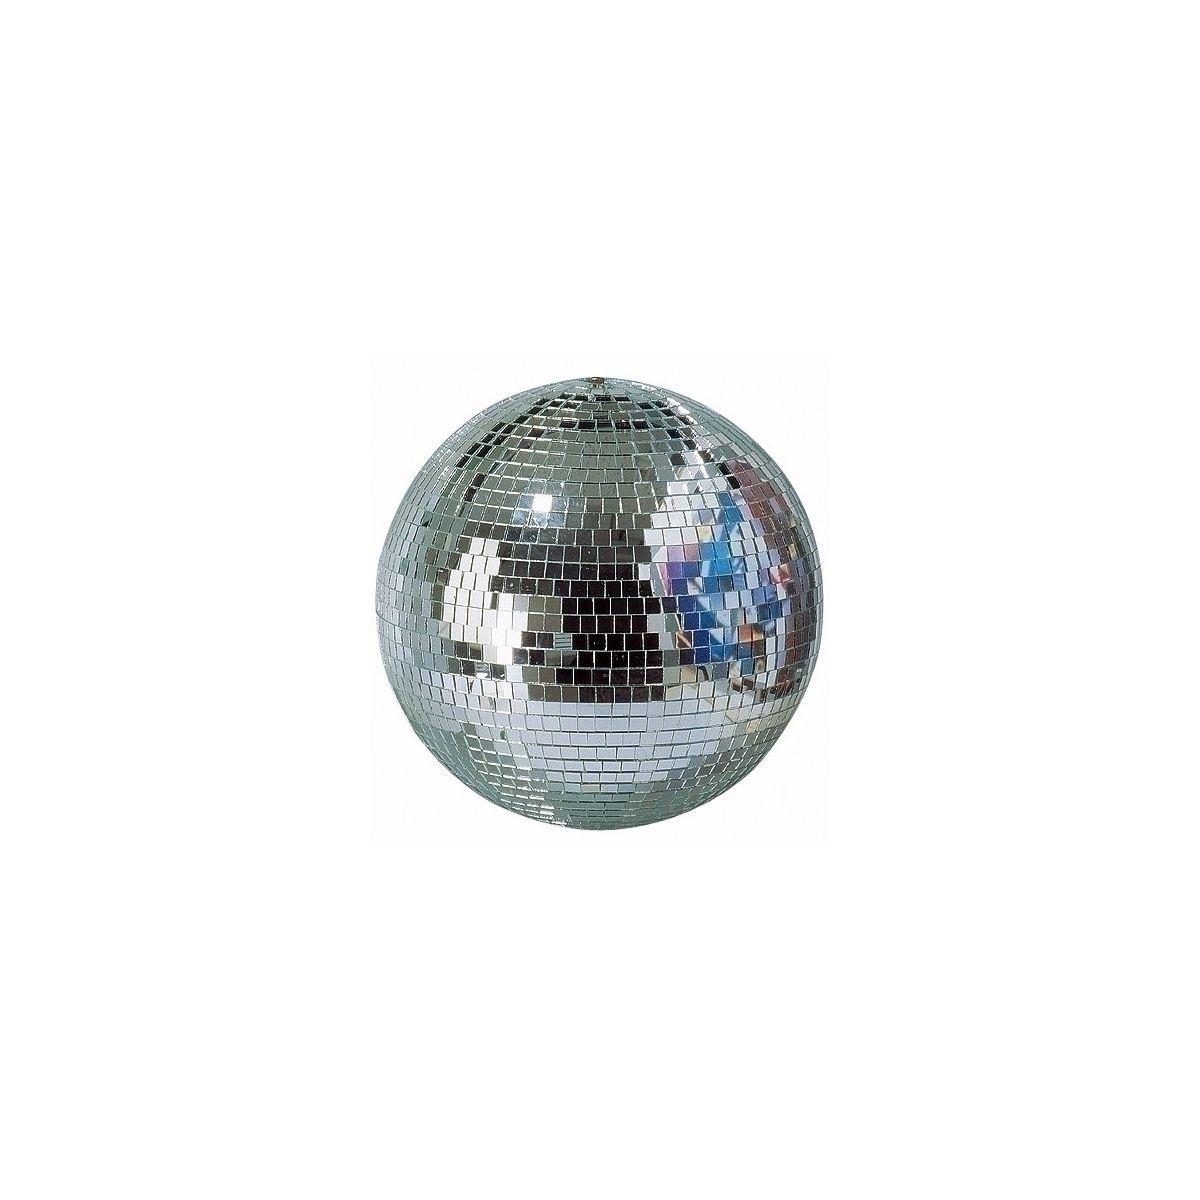 Boules à facettes - SX Lighting - Boule 100 cm